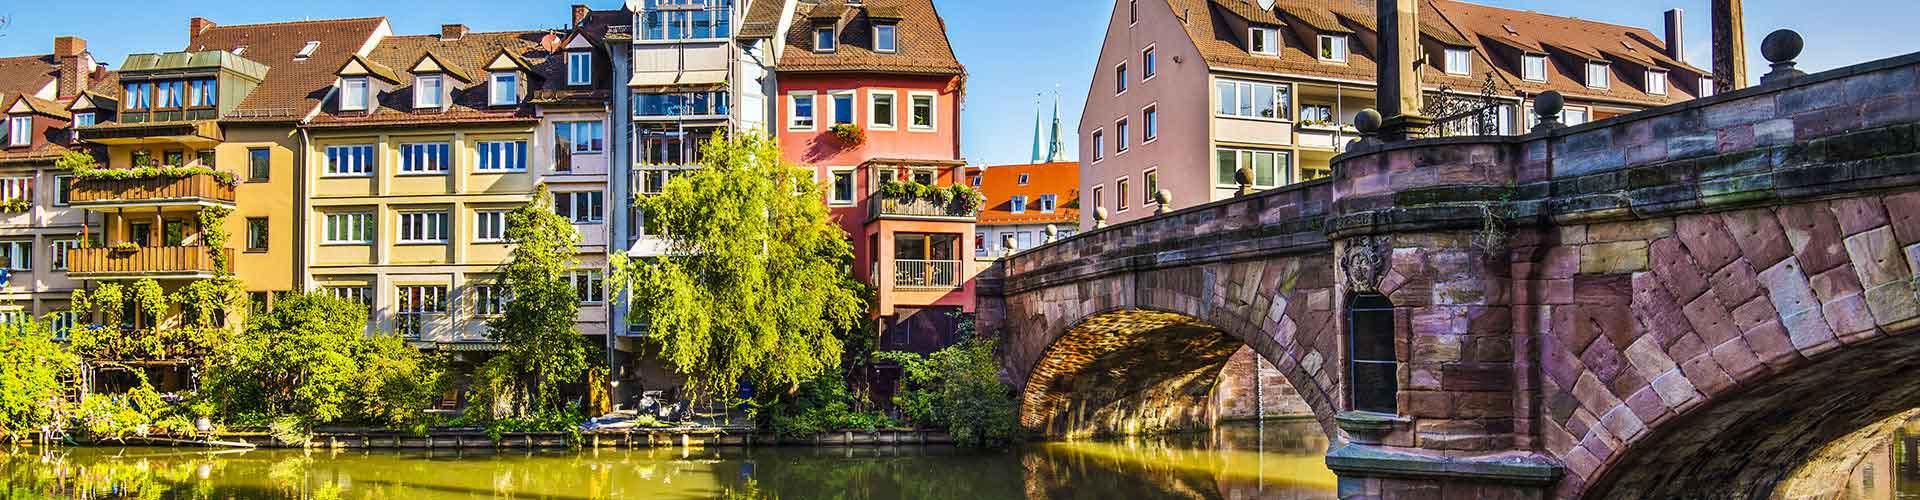 Nuremberg - Habitaciones en el distrito Marienvorstadt. Mapas de Nuremberg, Fotos y comentarios de cada Habitación en Nuremberg.